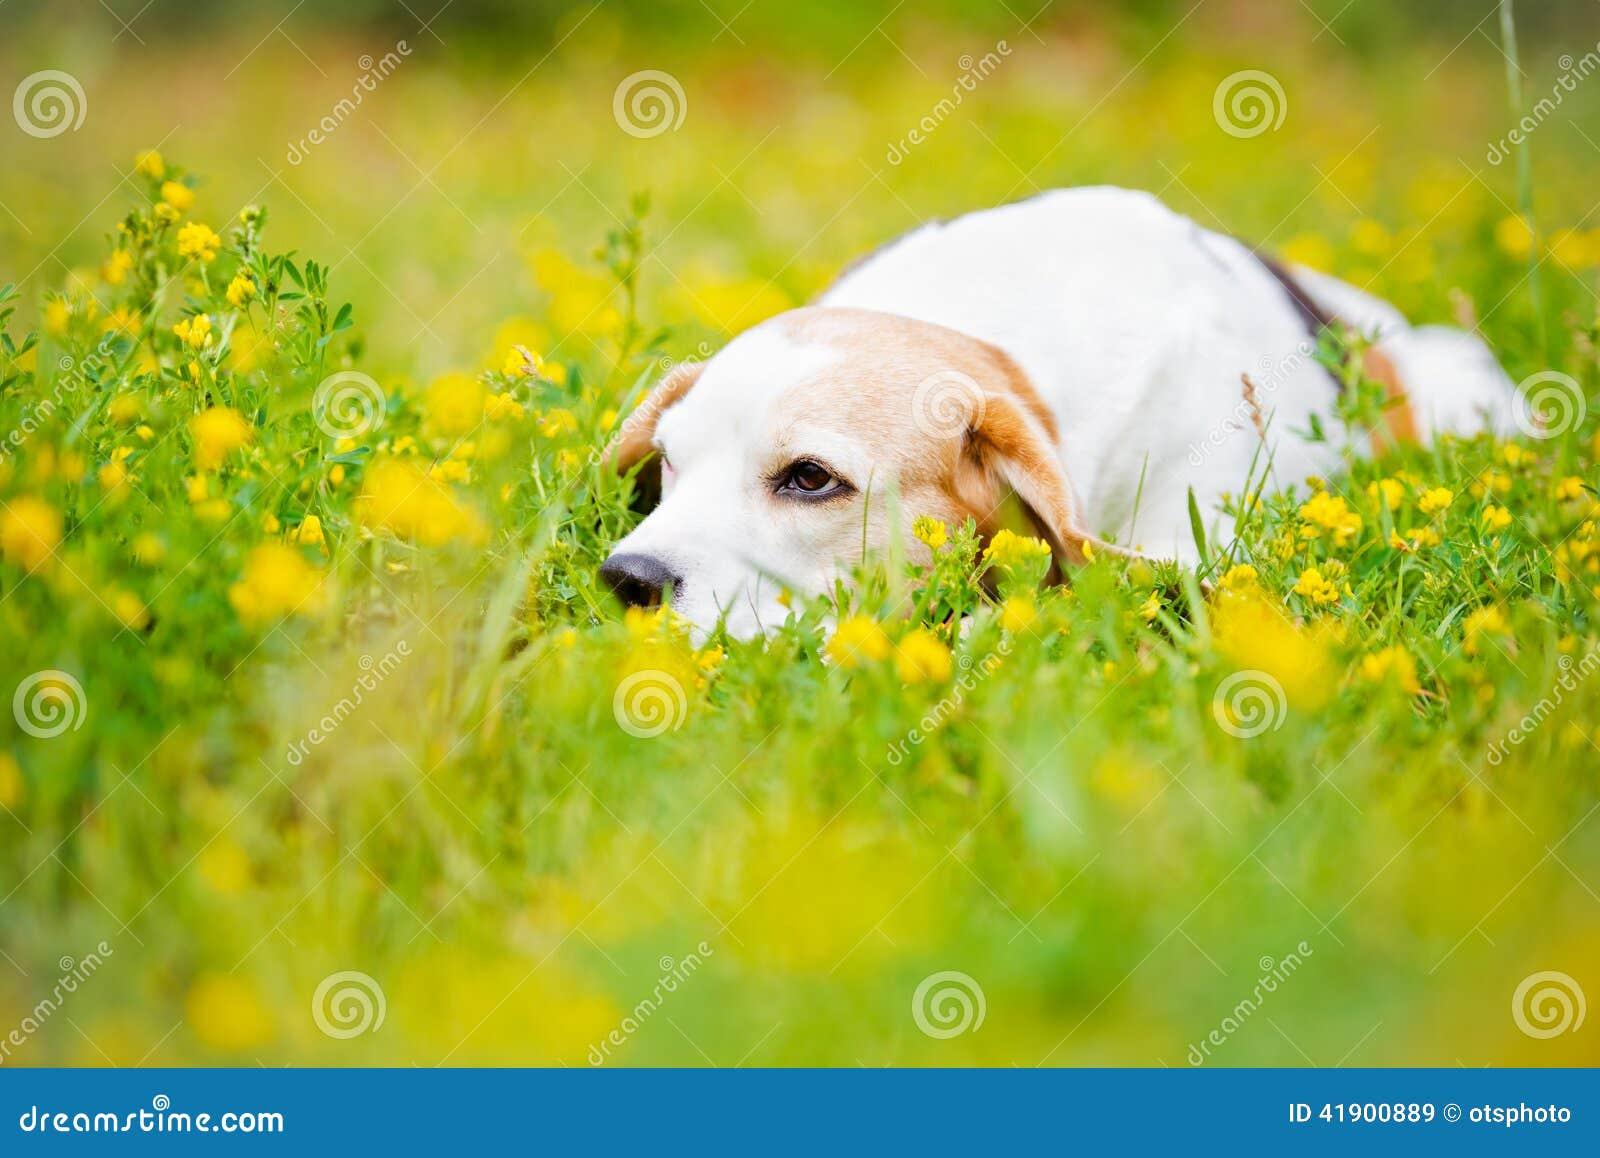 Perro que se acuesta en flores del verano